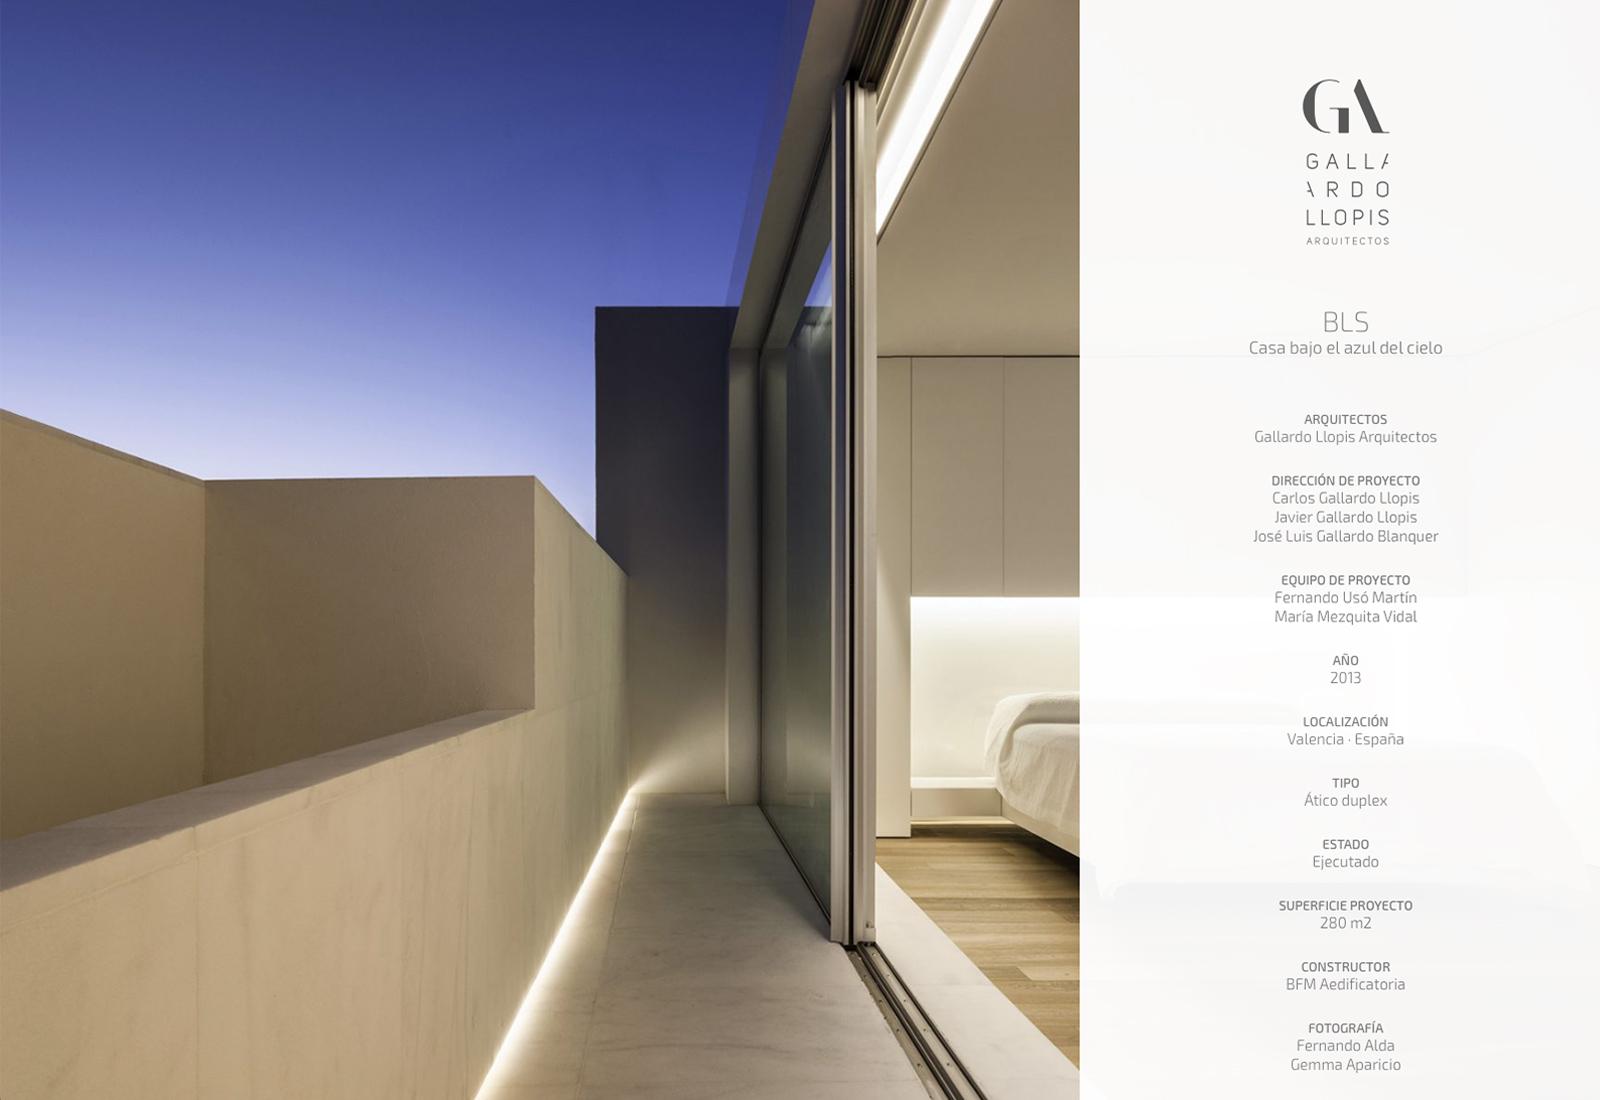 Gallardo-Llopis Arquitectos - Architecture studio in Valencia, Spain